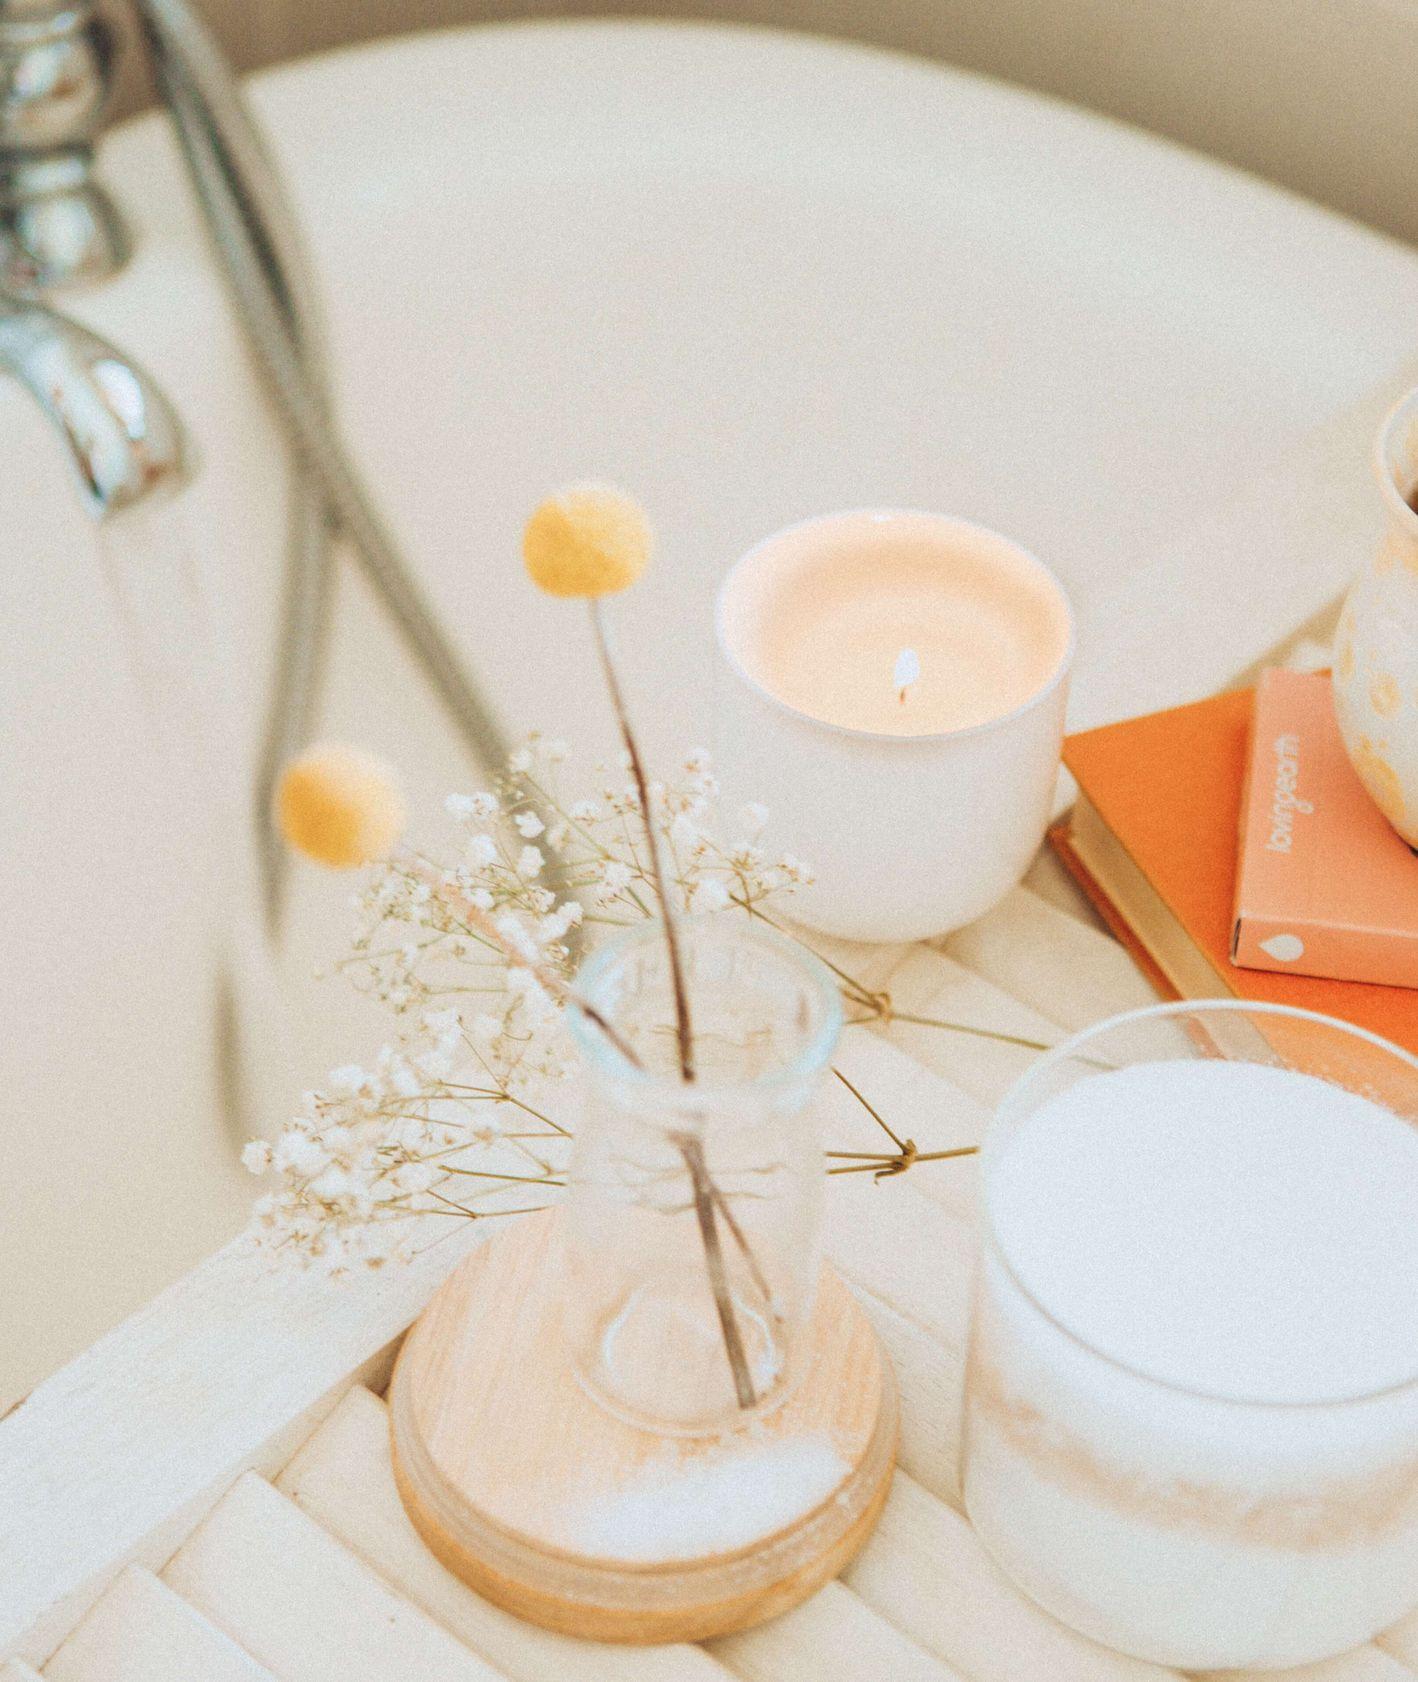 Przygotowania do kapieli, świeczki, olejki eteryczne, herbata i wanna napełniana wodą (fot. Maddi Bazzocco)